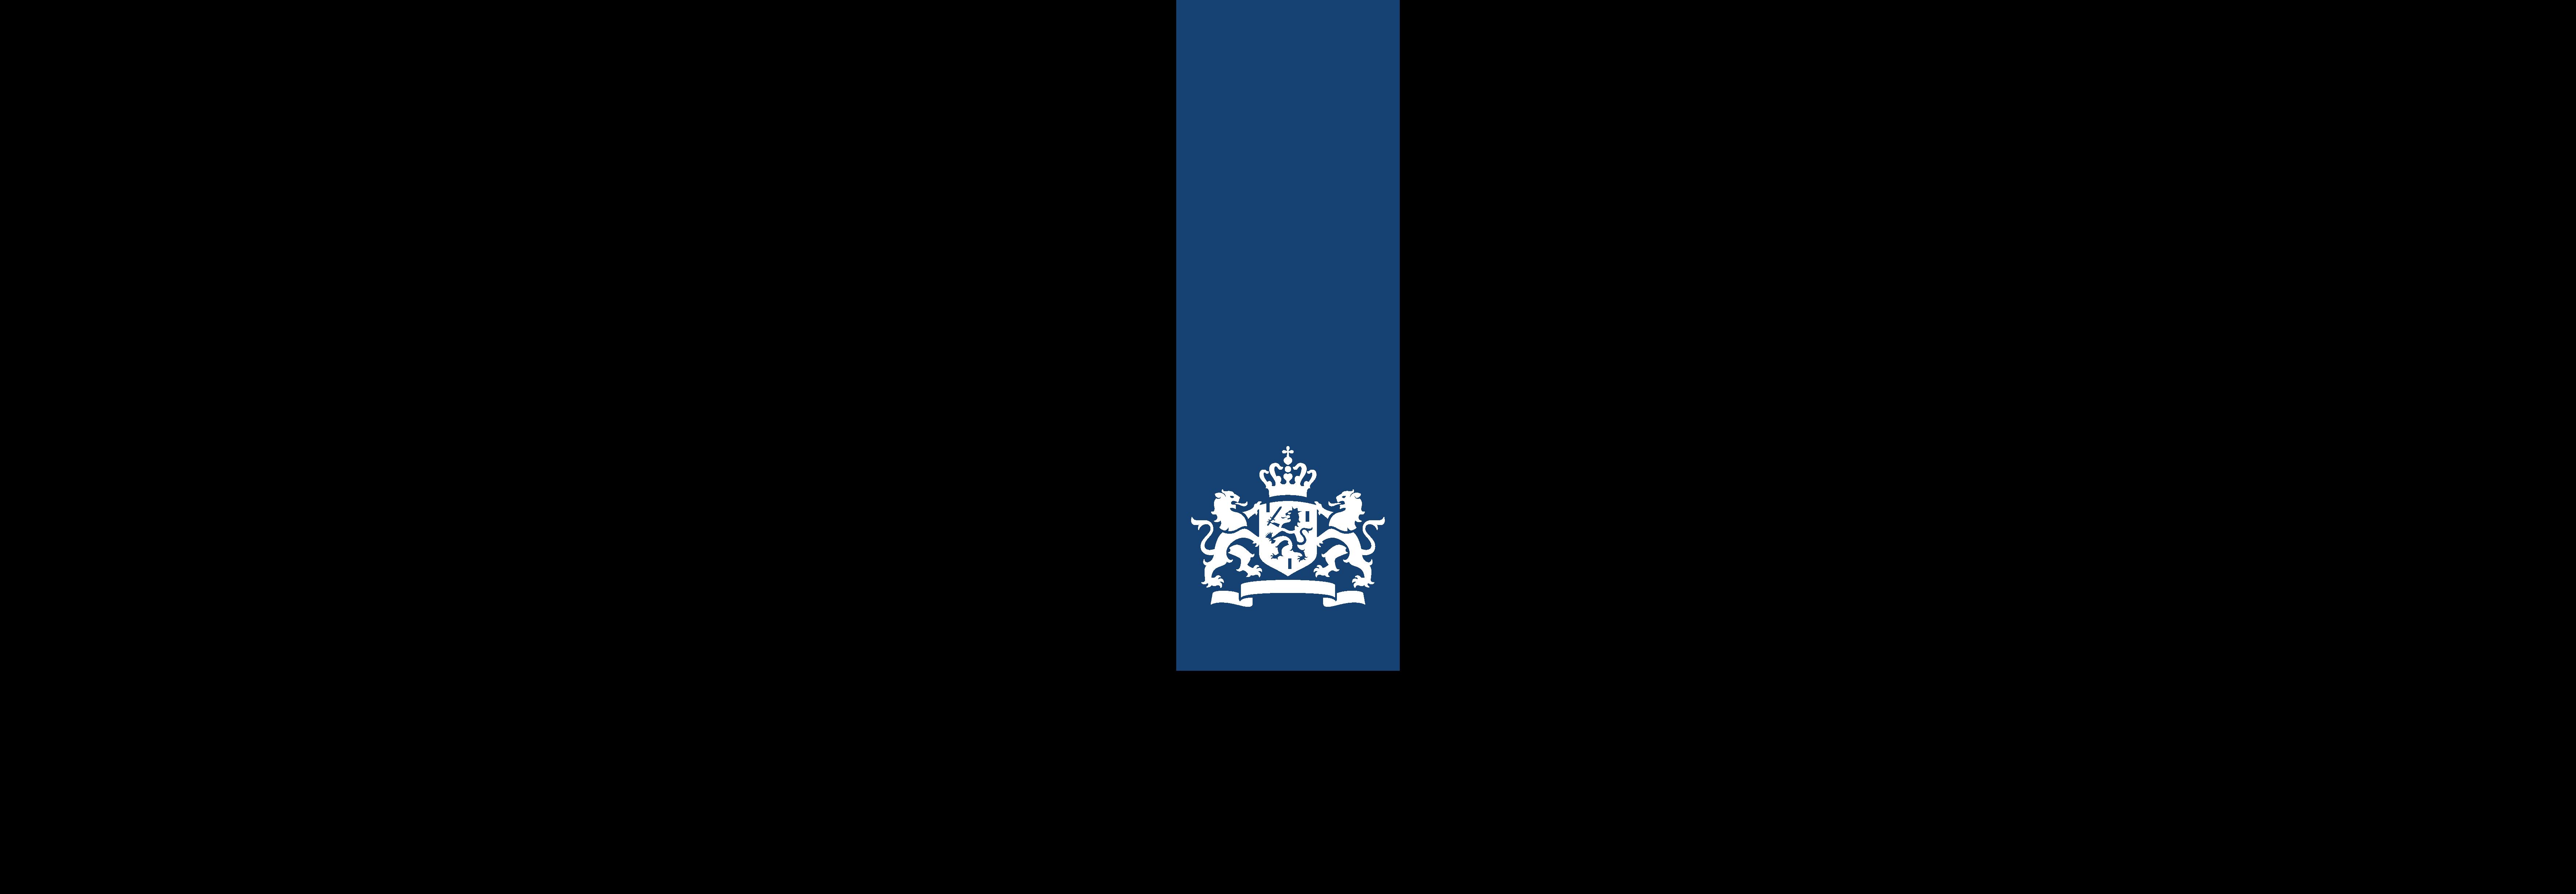 logo_ekn.png